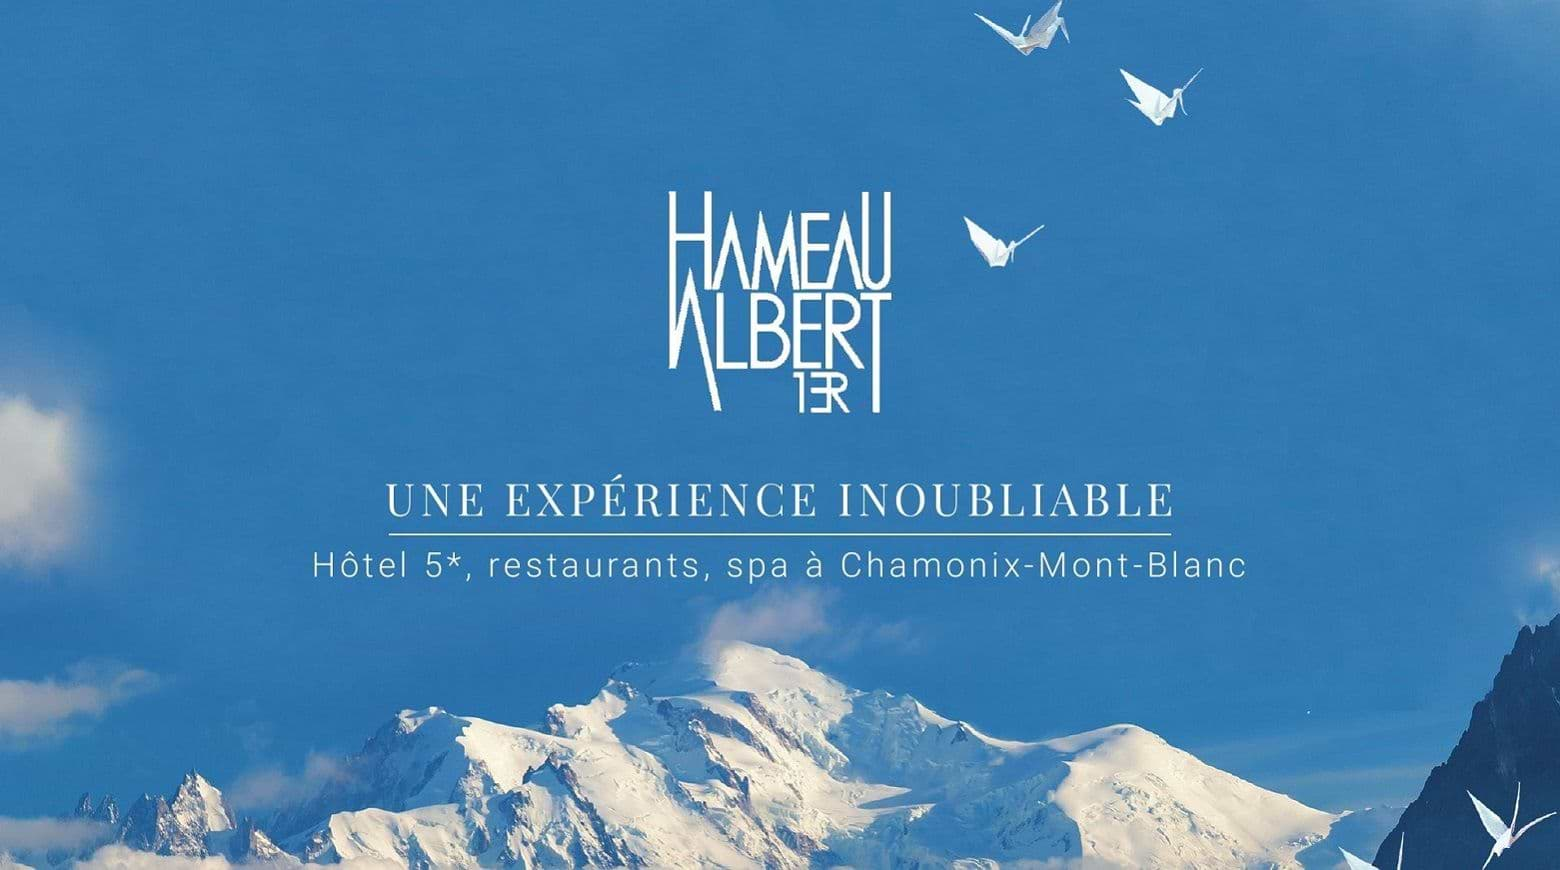 Conseil en stratégie digitale hôtel de luxe 5* & restaurant gastronomique à Chamonix, expertise en marketing hôtelier & efficacité commerciale - Hôtel, restaurant, luxe.